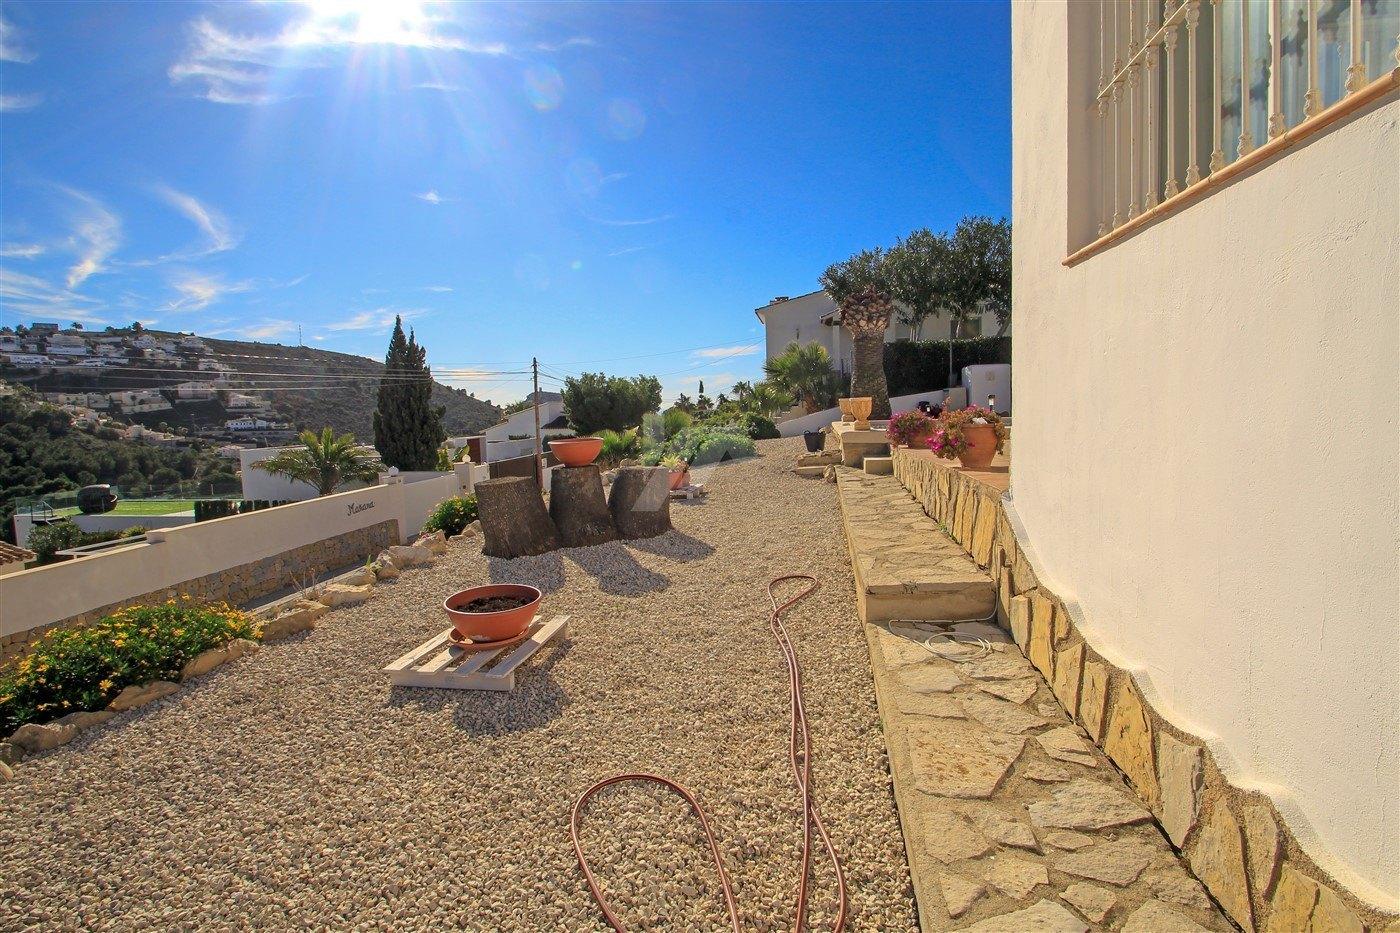 Villa mit Meerblick zum verkauf in Moraira, Costa Blanca.